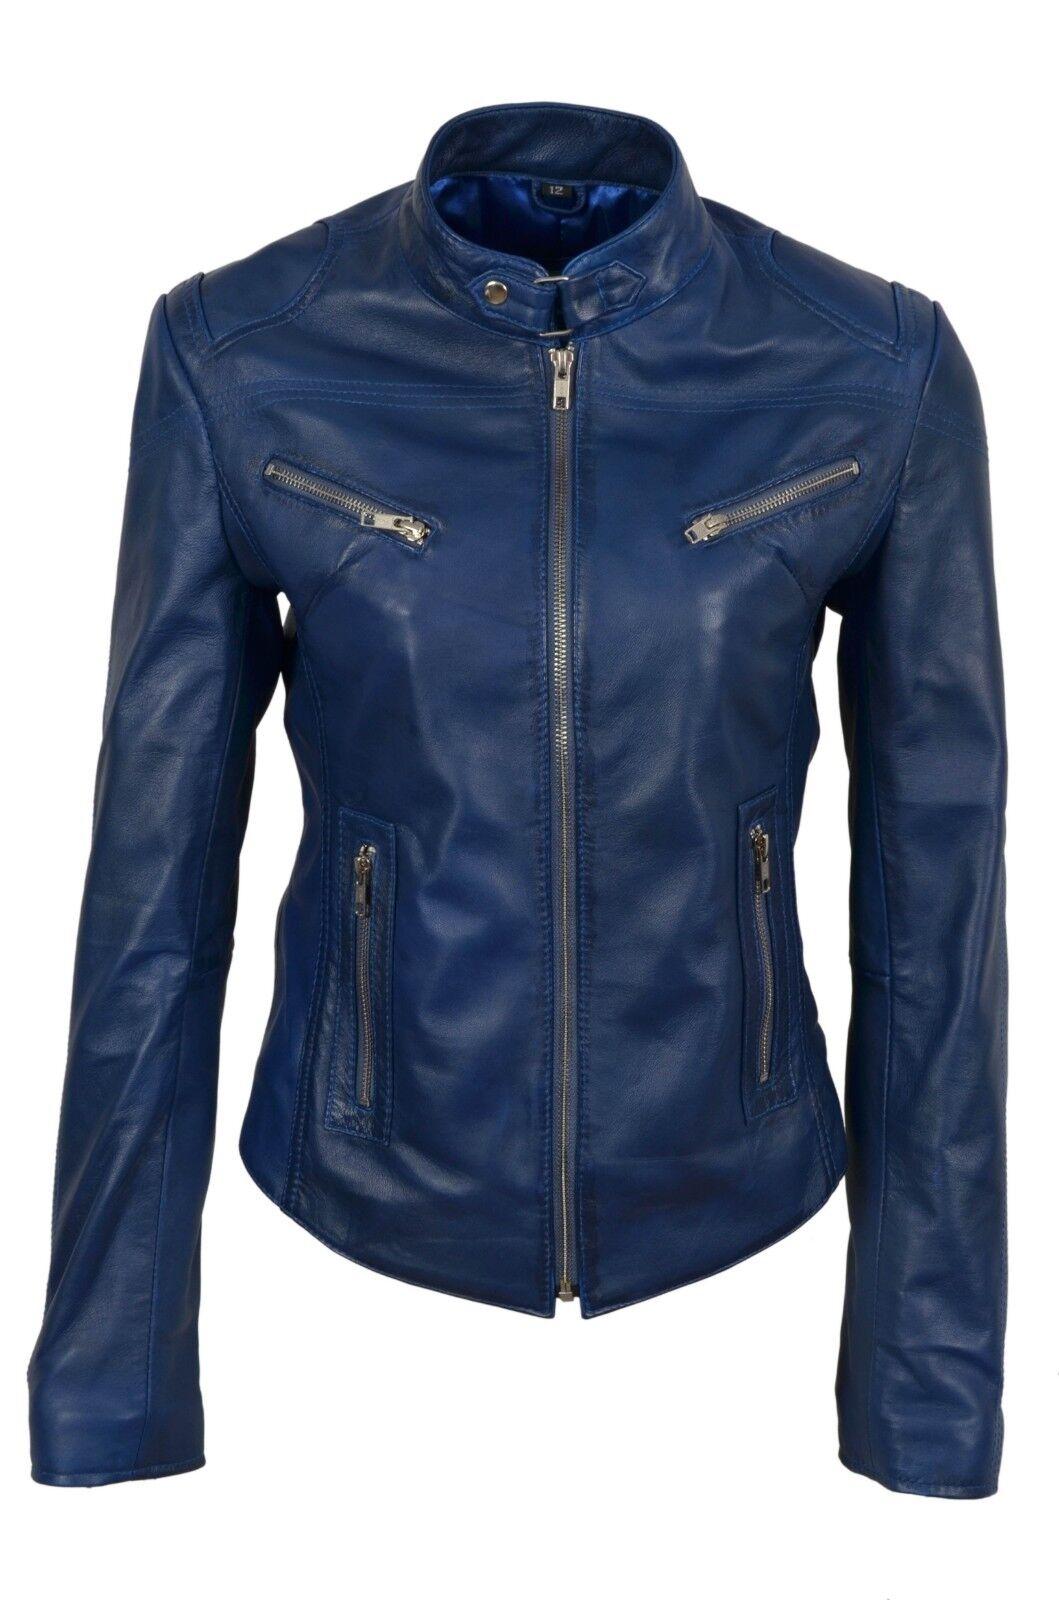 Nuevas Damas Chaqueta de cuero  de Lujo Azul Real Suave Napa De Diseño Estilo Motero  tienda en linea